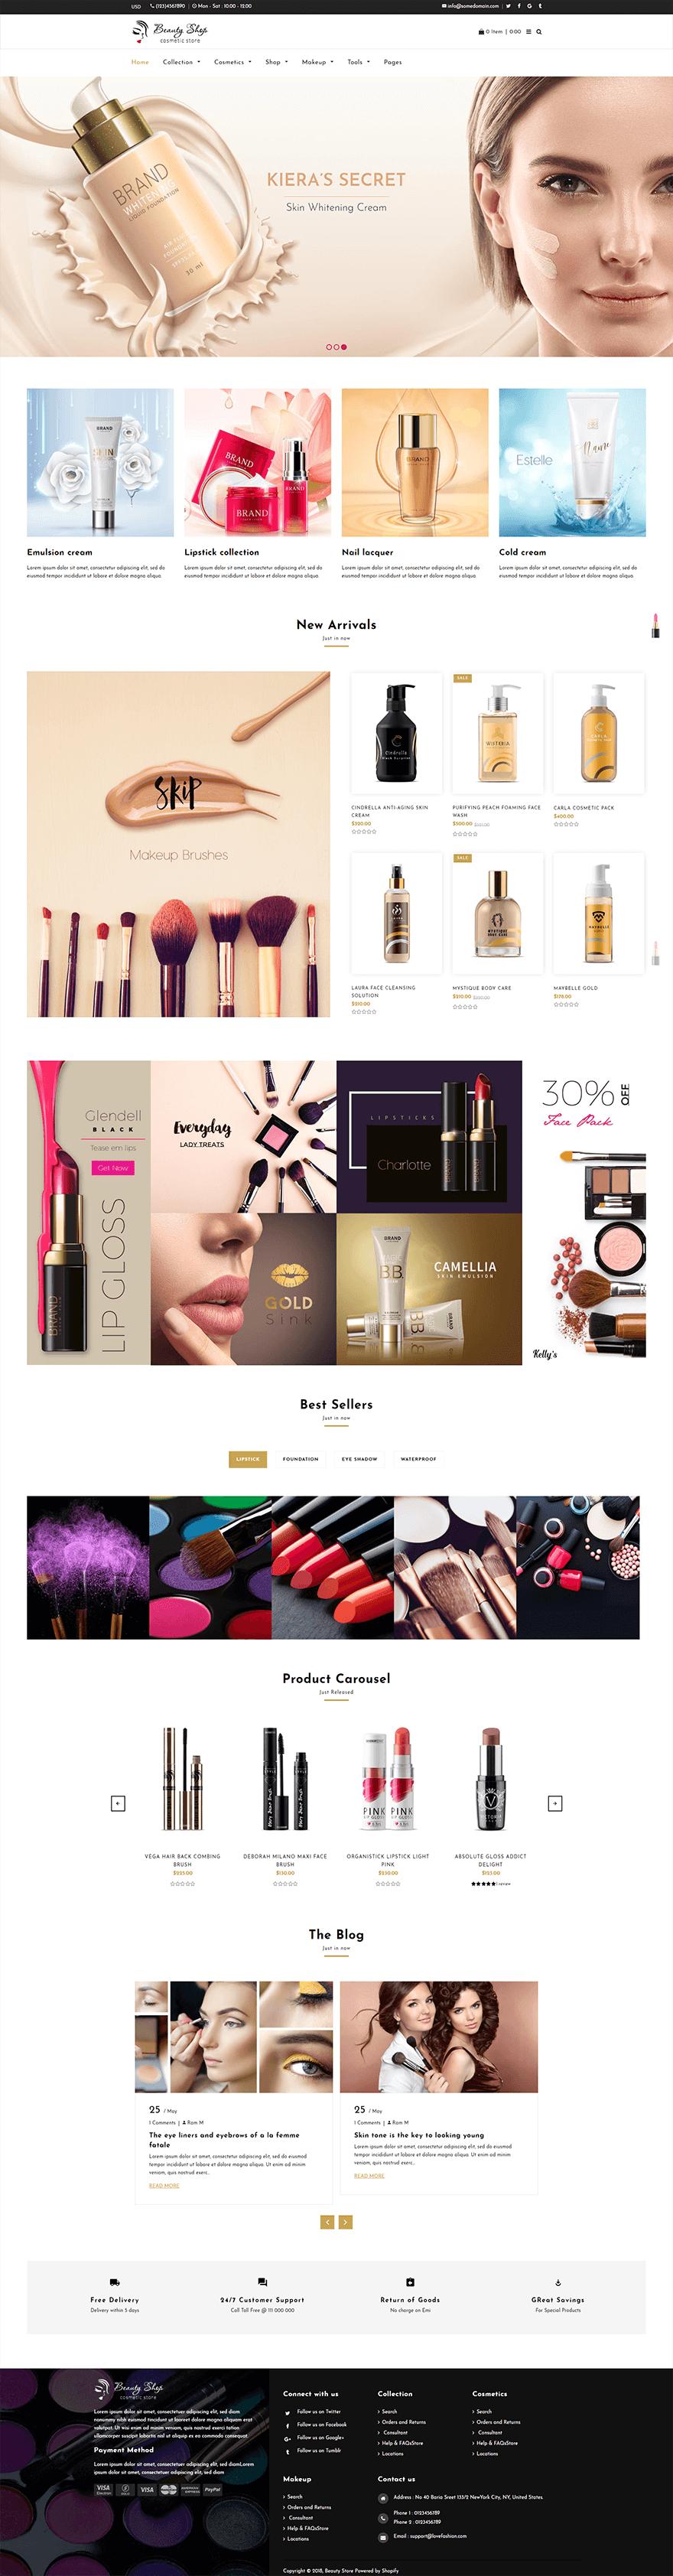 طراحی سایت فروشگاه لوازم ارایشی